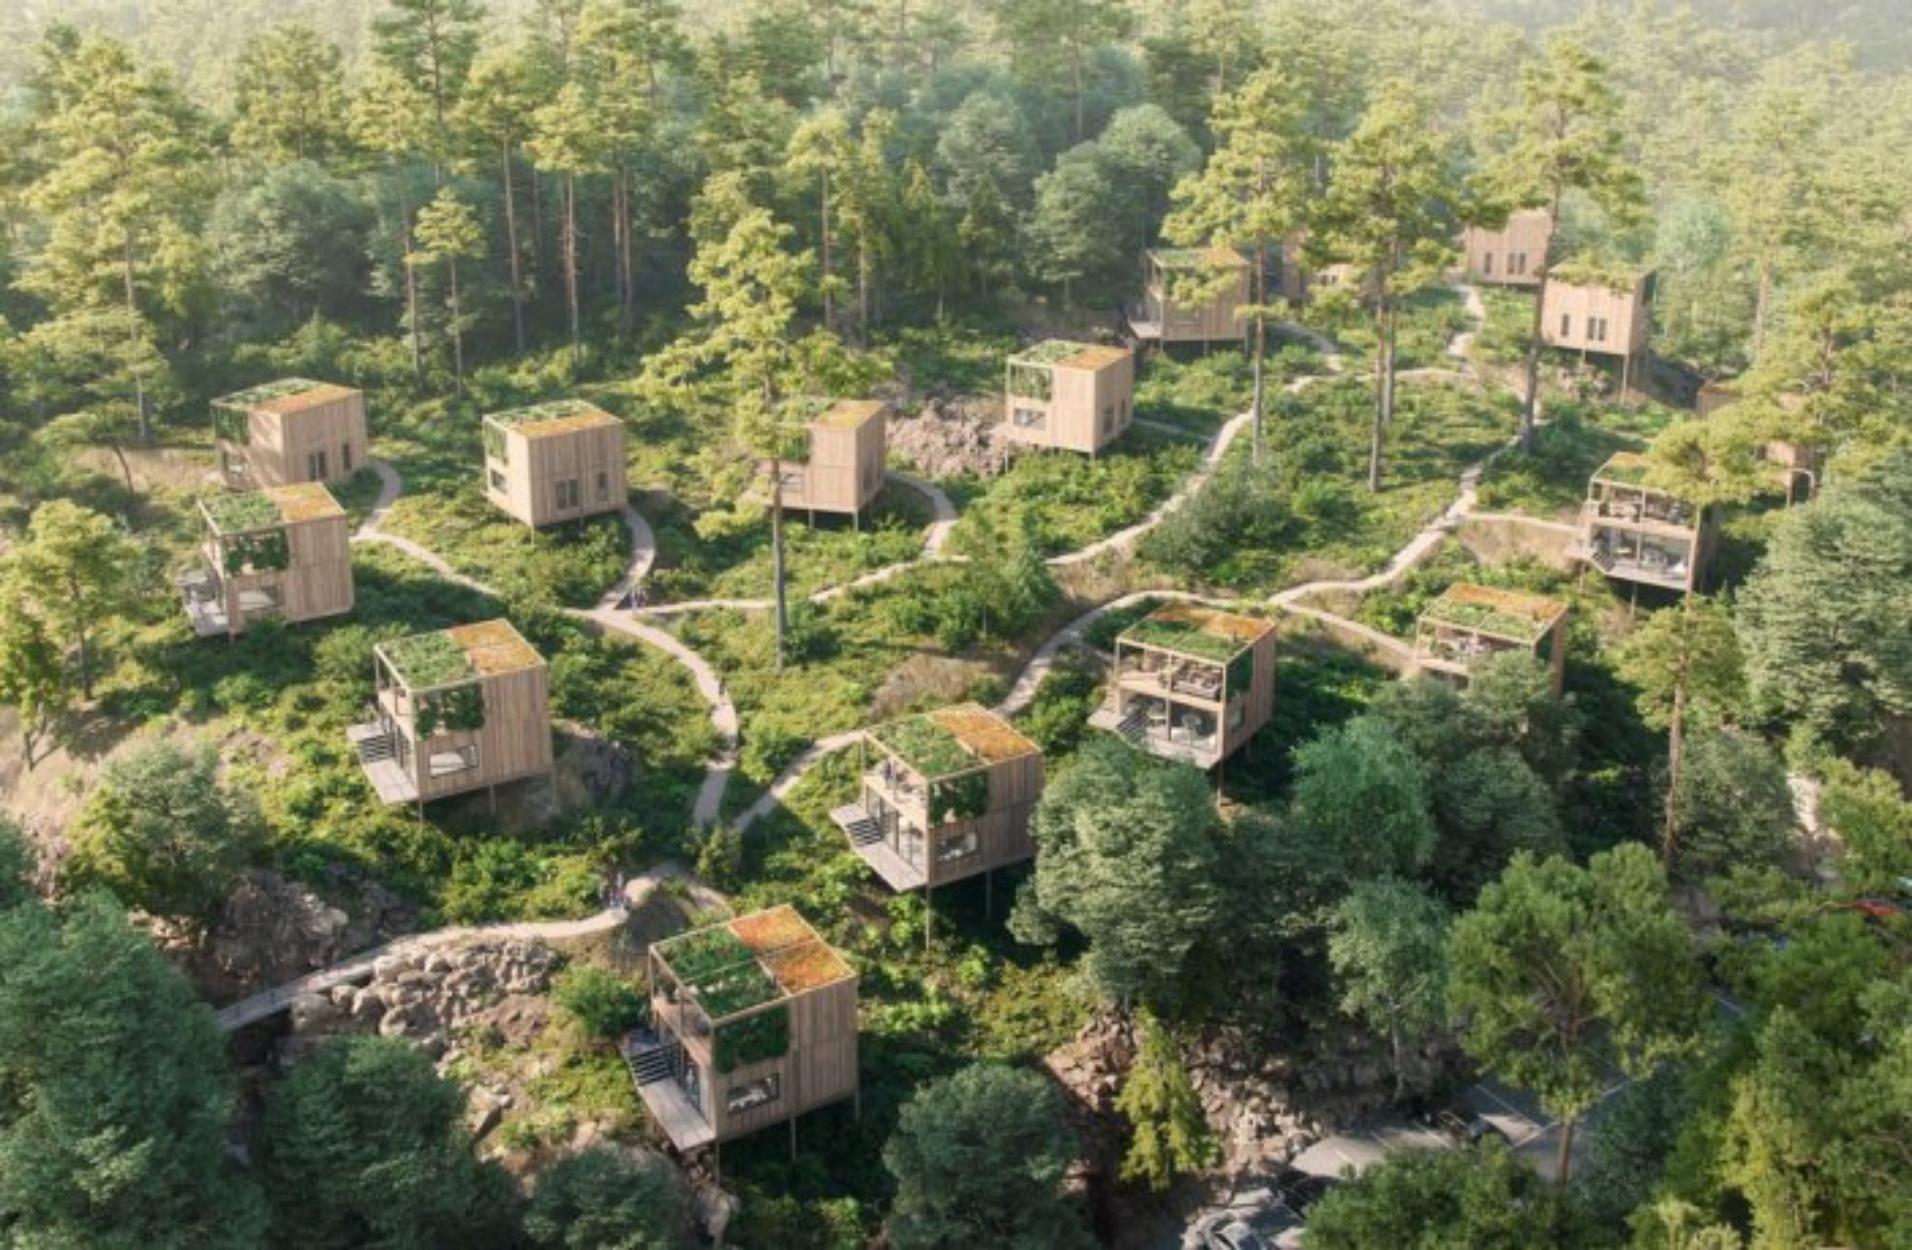 16 πανέμορφες ξύλινες κατοικίες με θέα τα νορβηγικά φιορδ